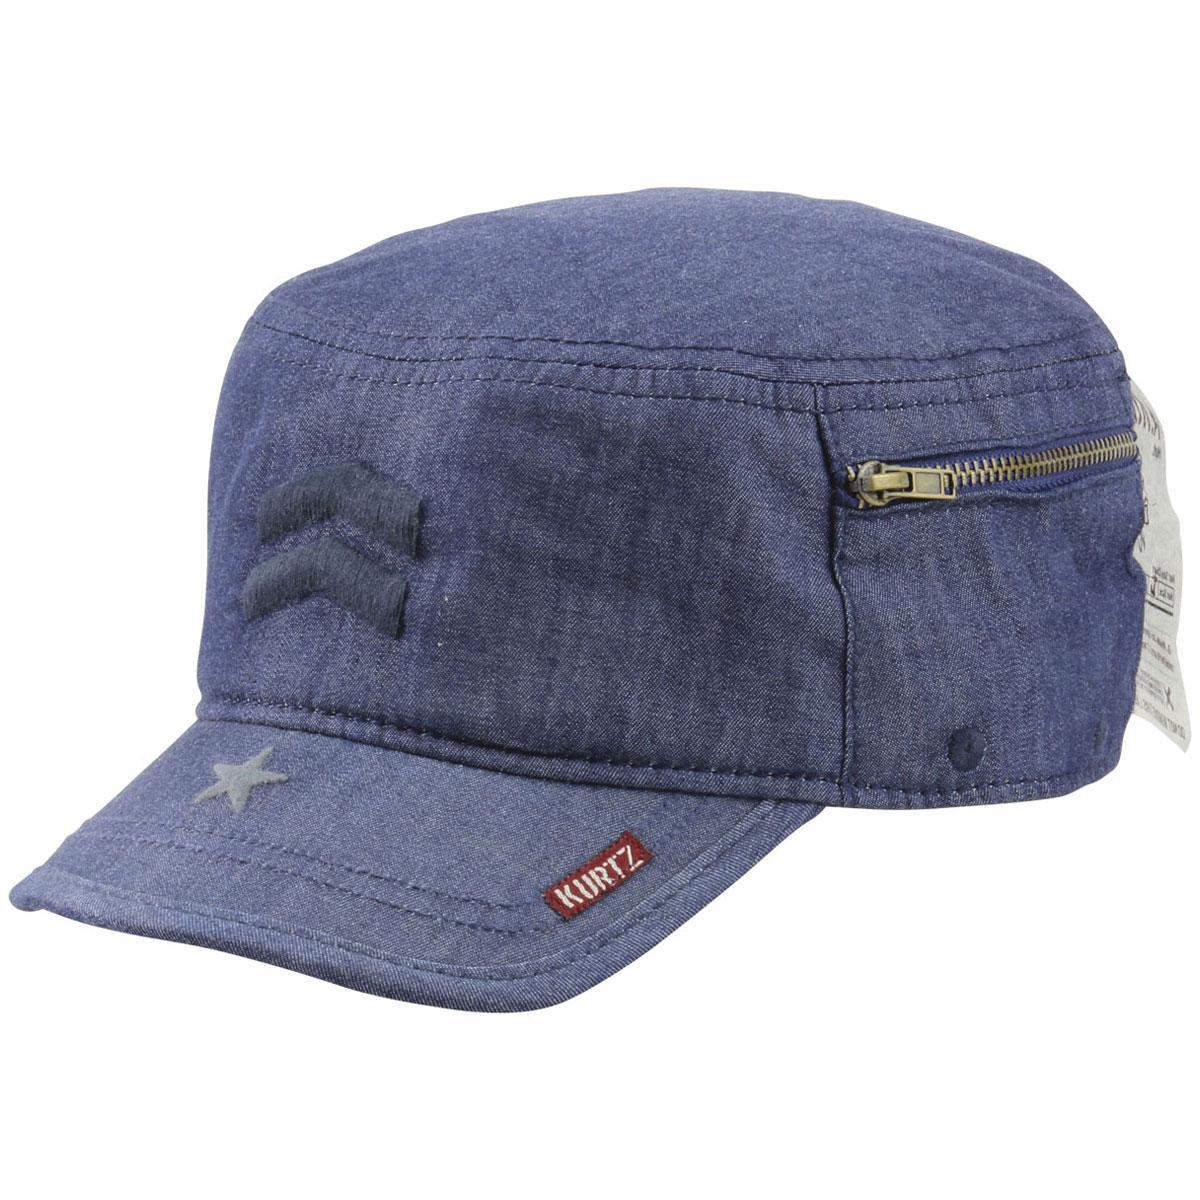 86adc862041 Kurtz Men s Denim Fritz Legion Military Cap Hat